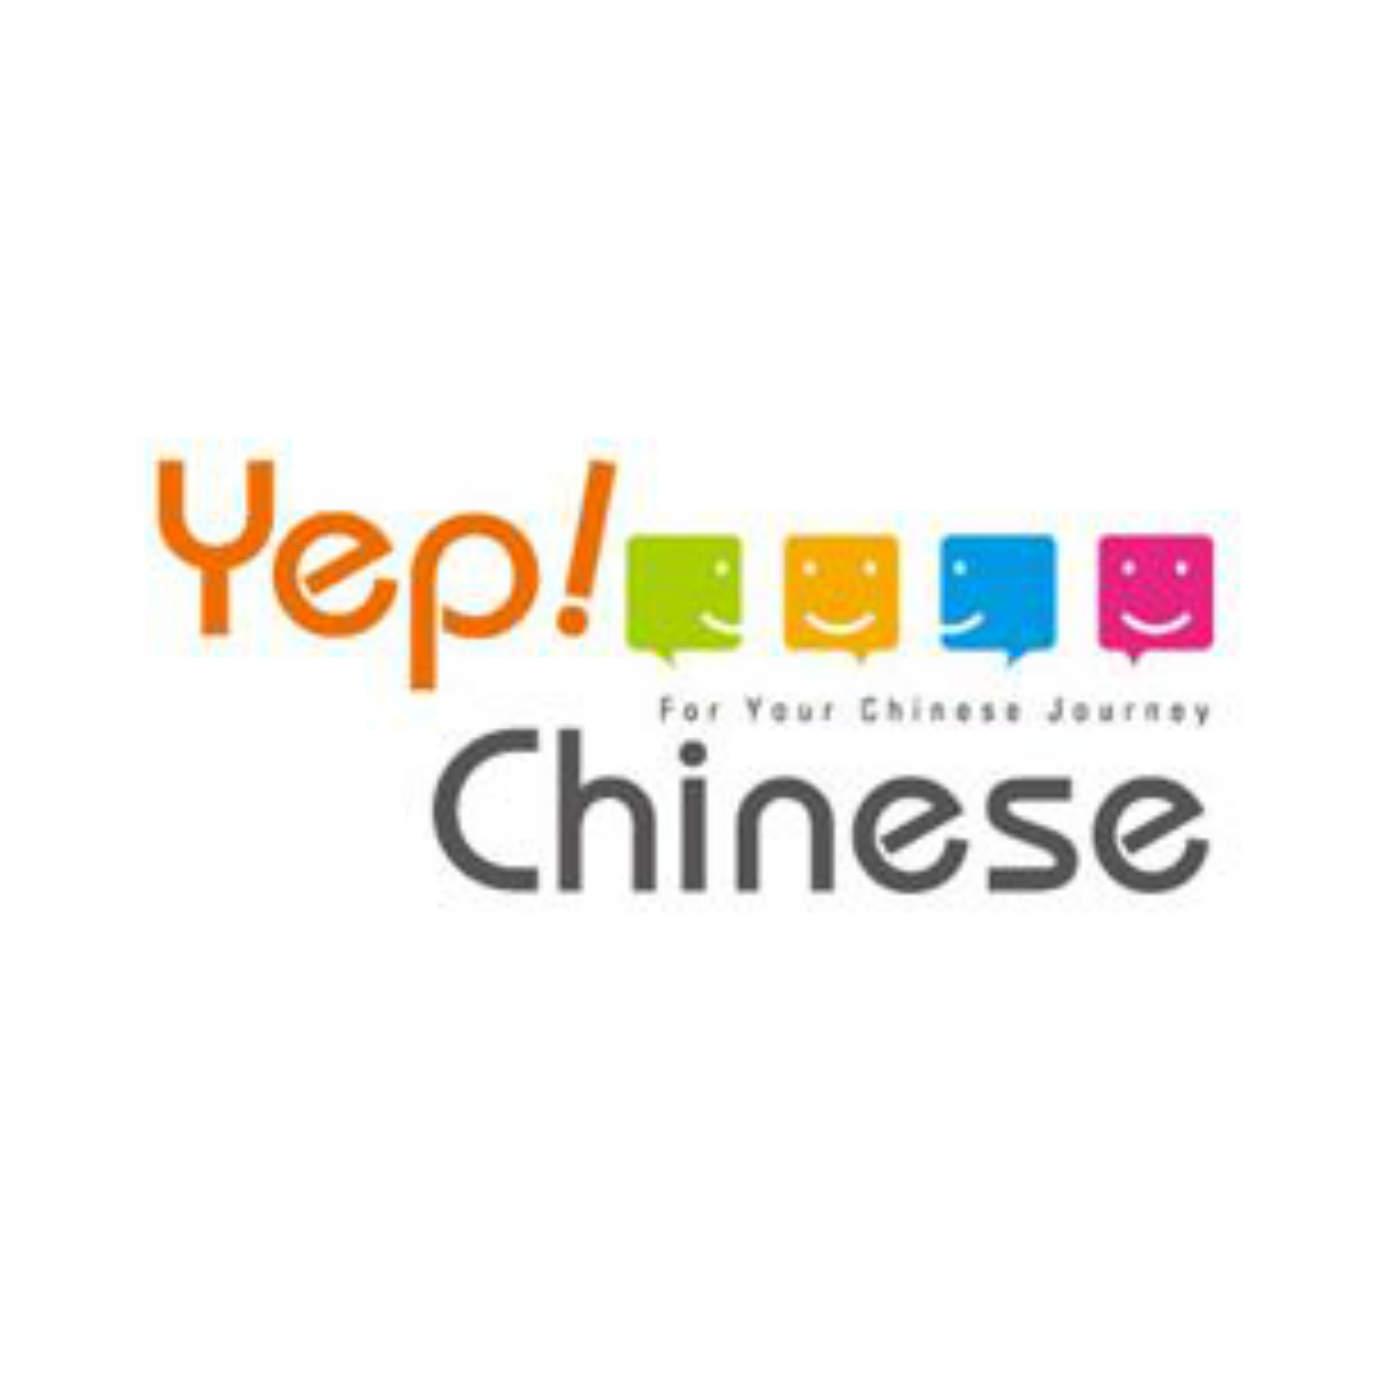 Yep! Chinese